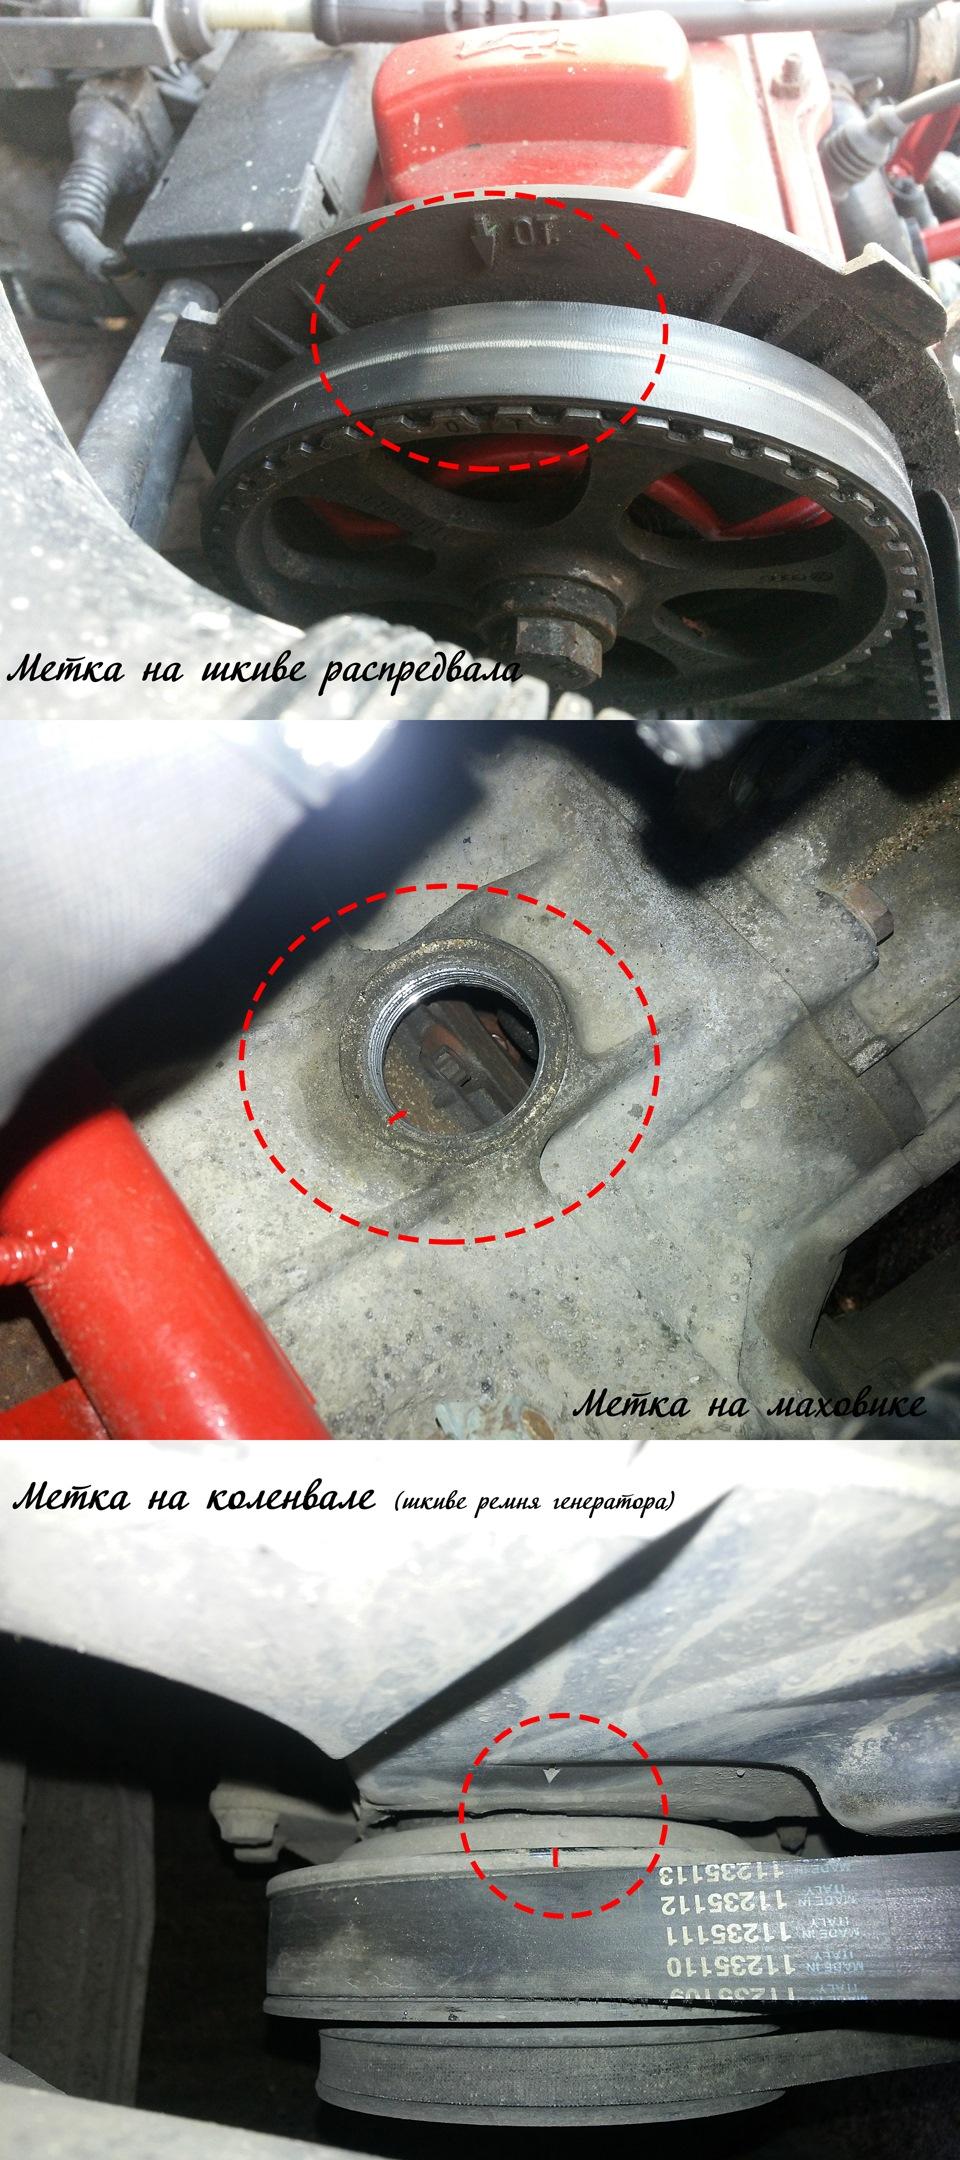 инструкция по автомобилю volkswagen 1.9aaz